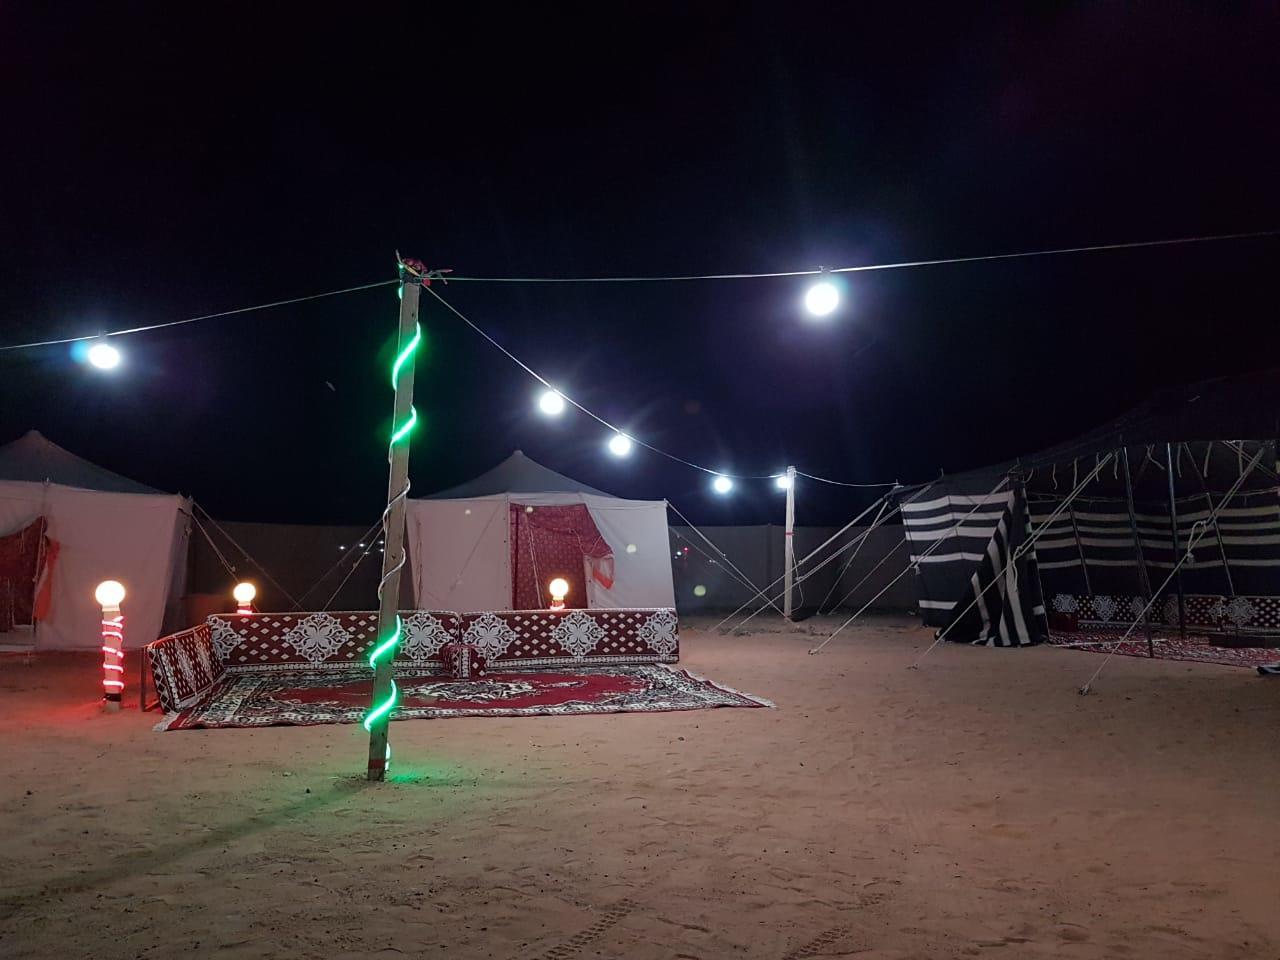 مخيم قسم للايجار روضة خريم